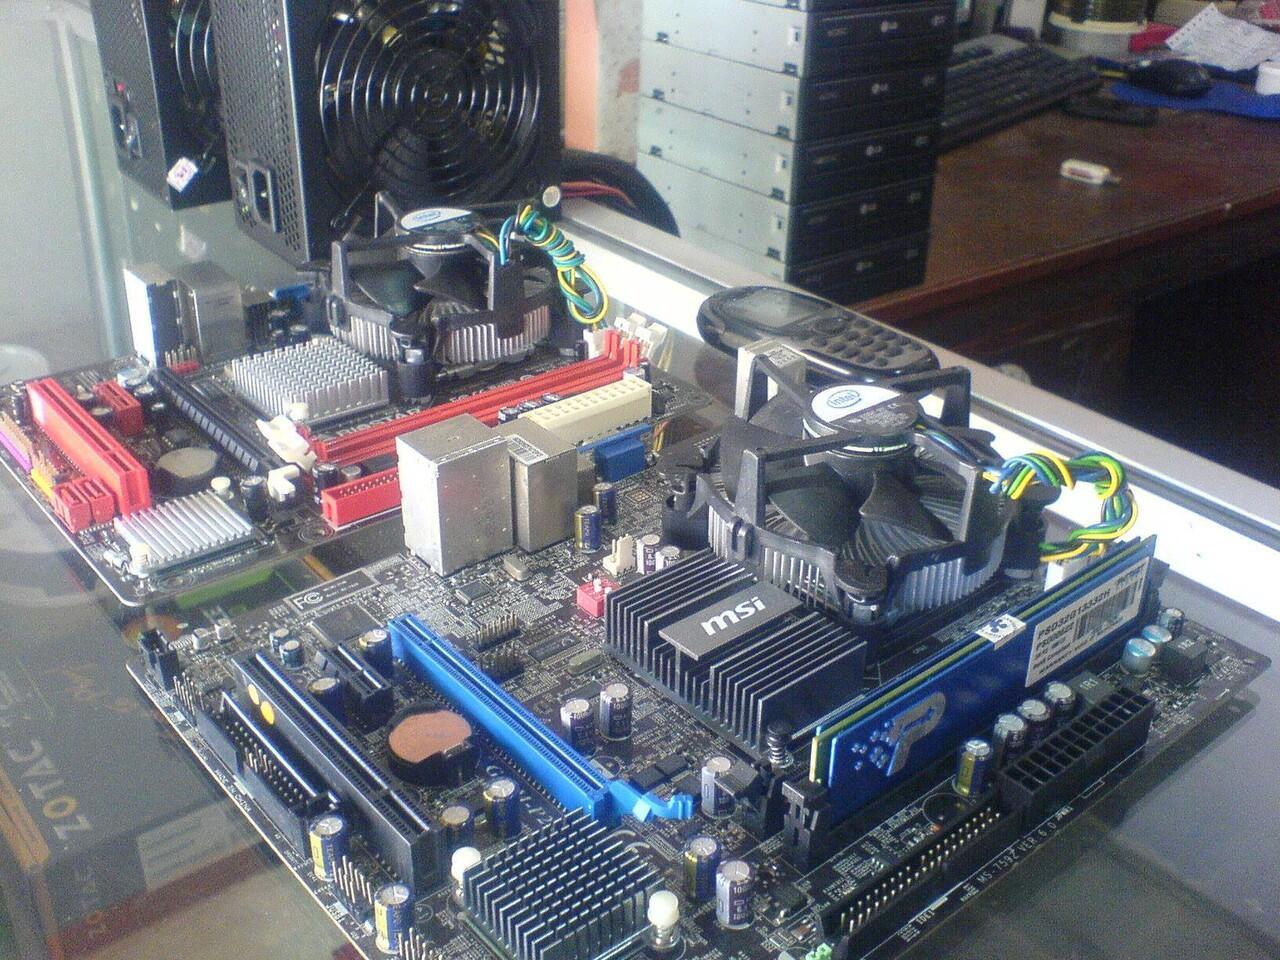 MSI G41 DDR3 + E8400